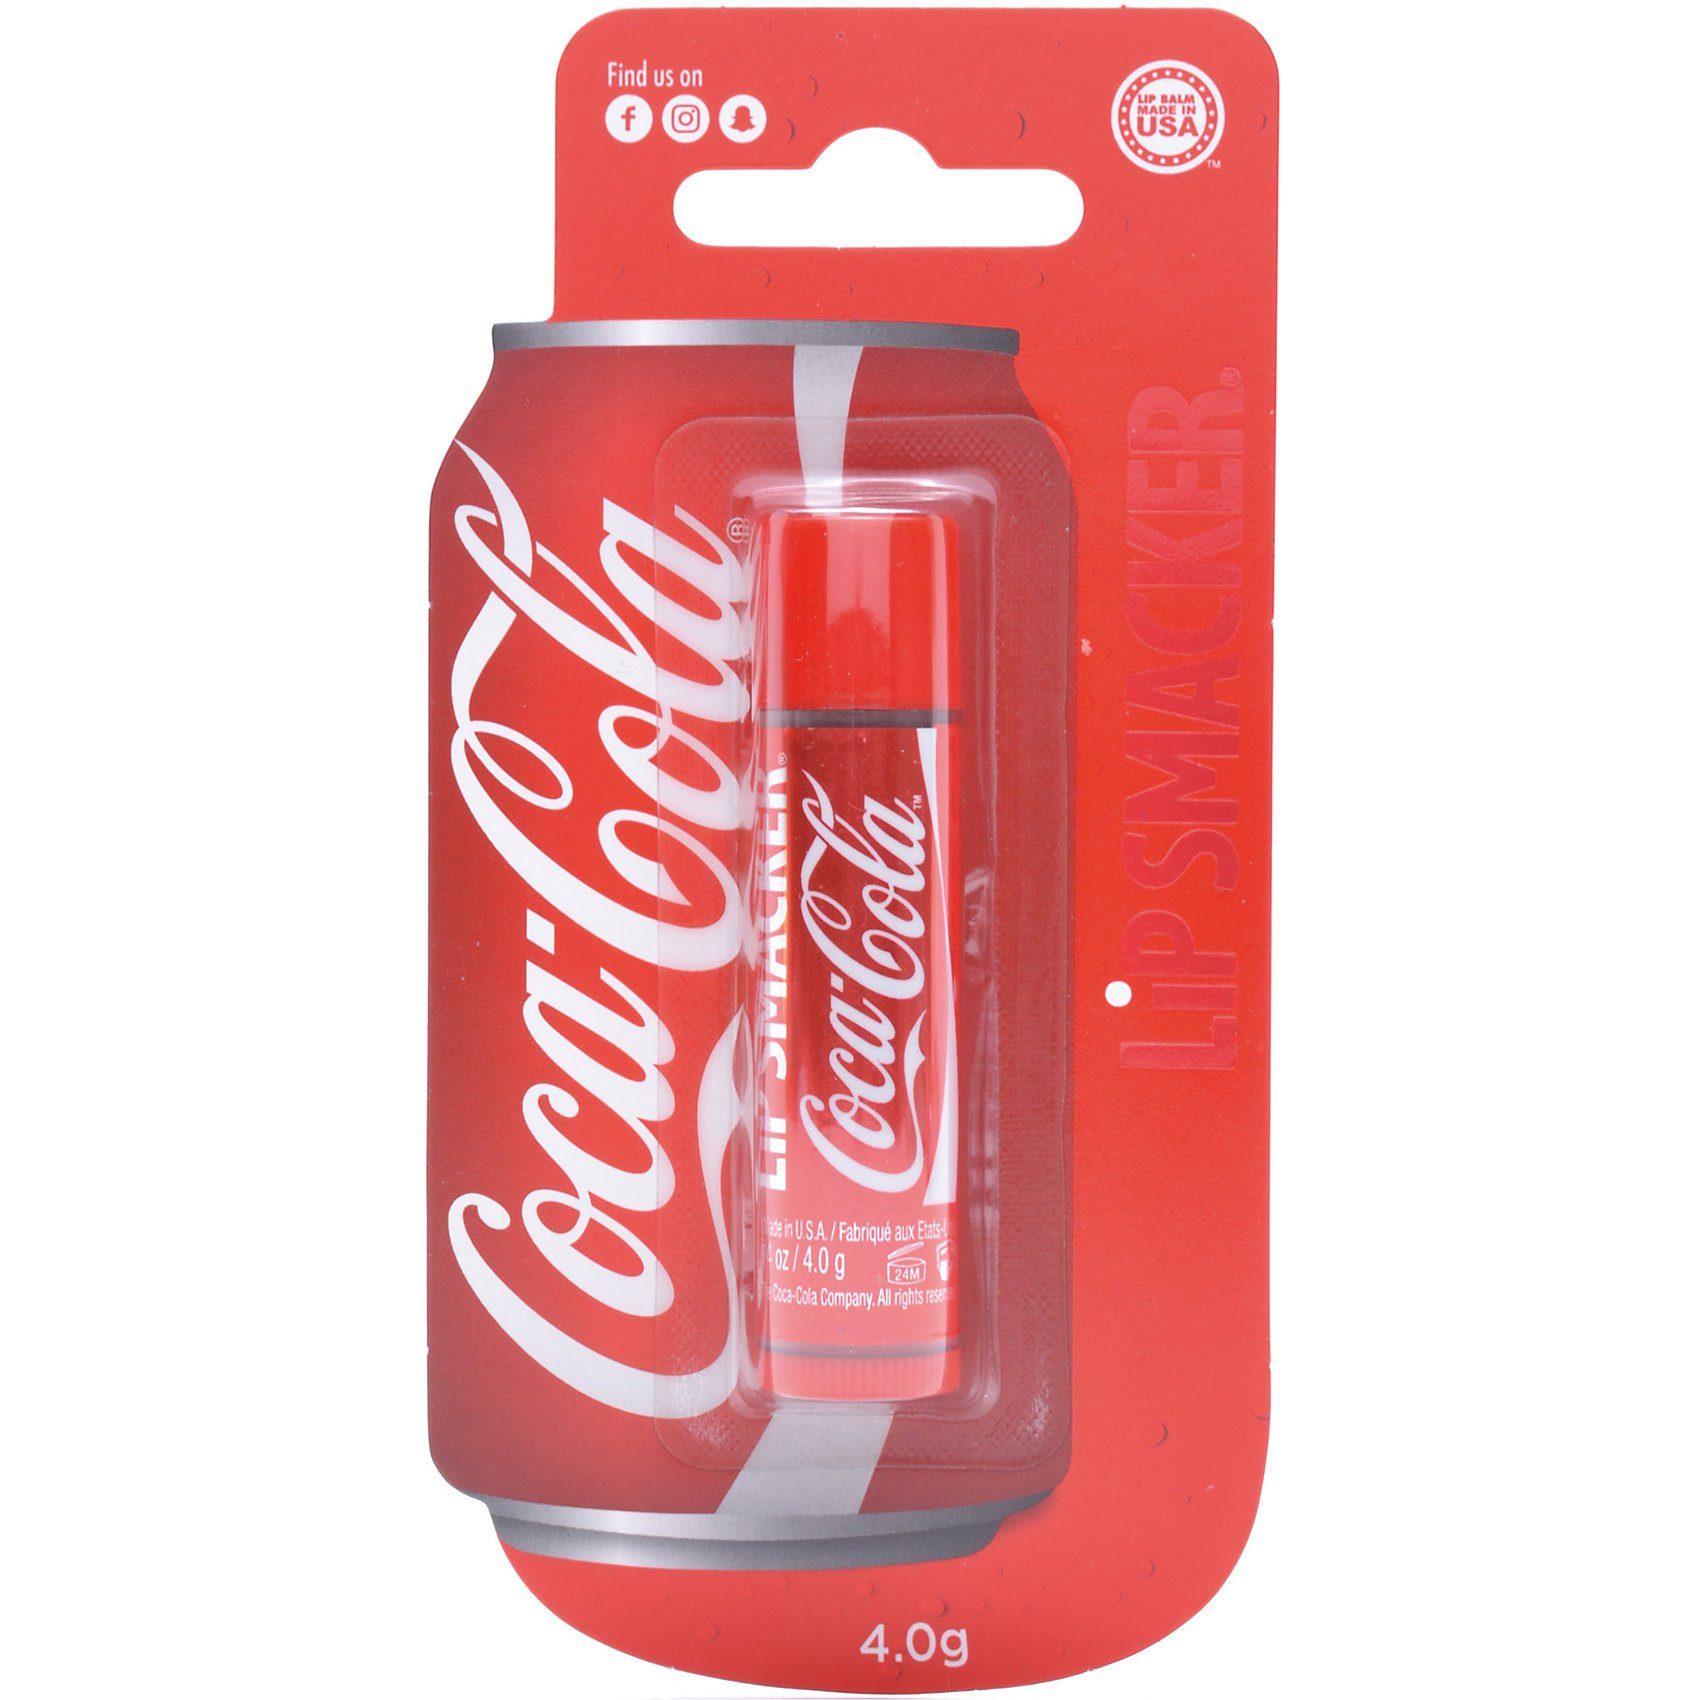 Empeak COCA COLA Lippenpflegestift - Coke Geschmack